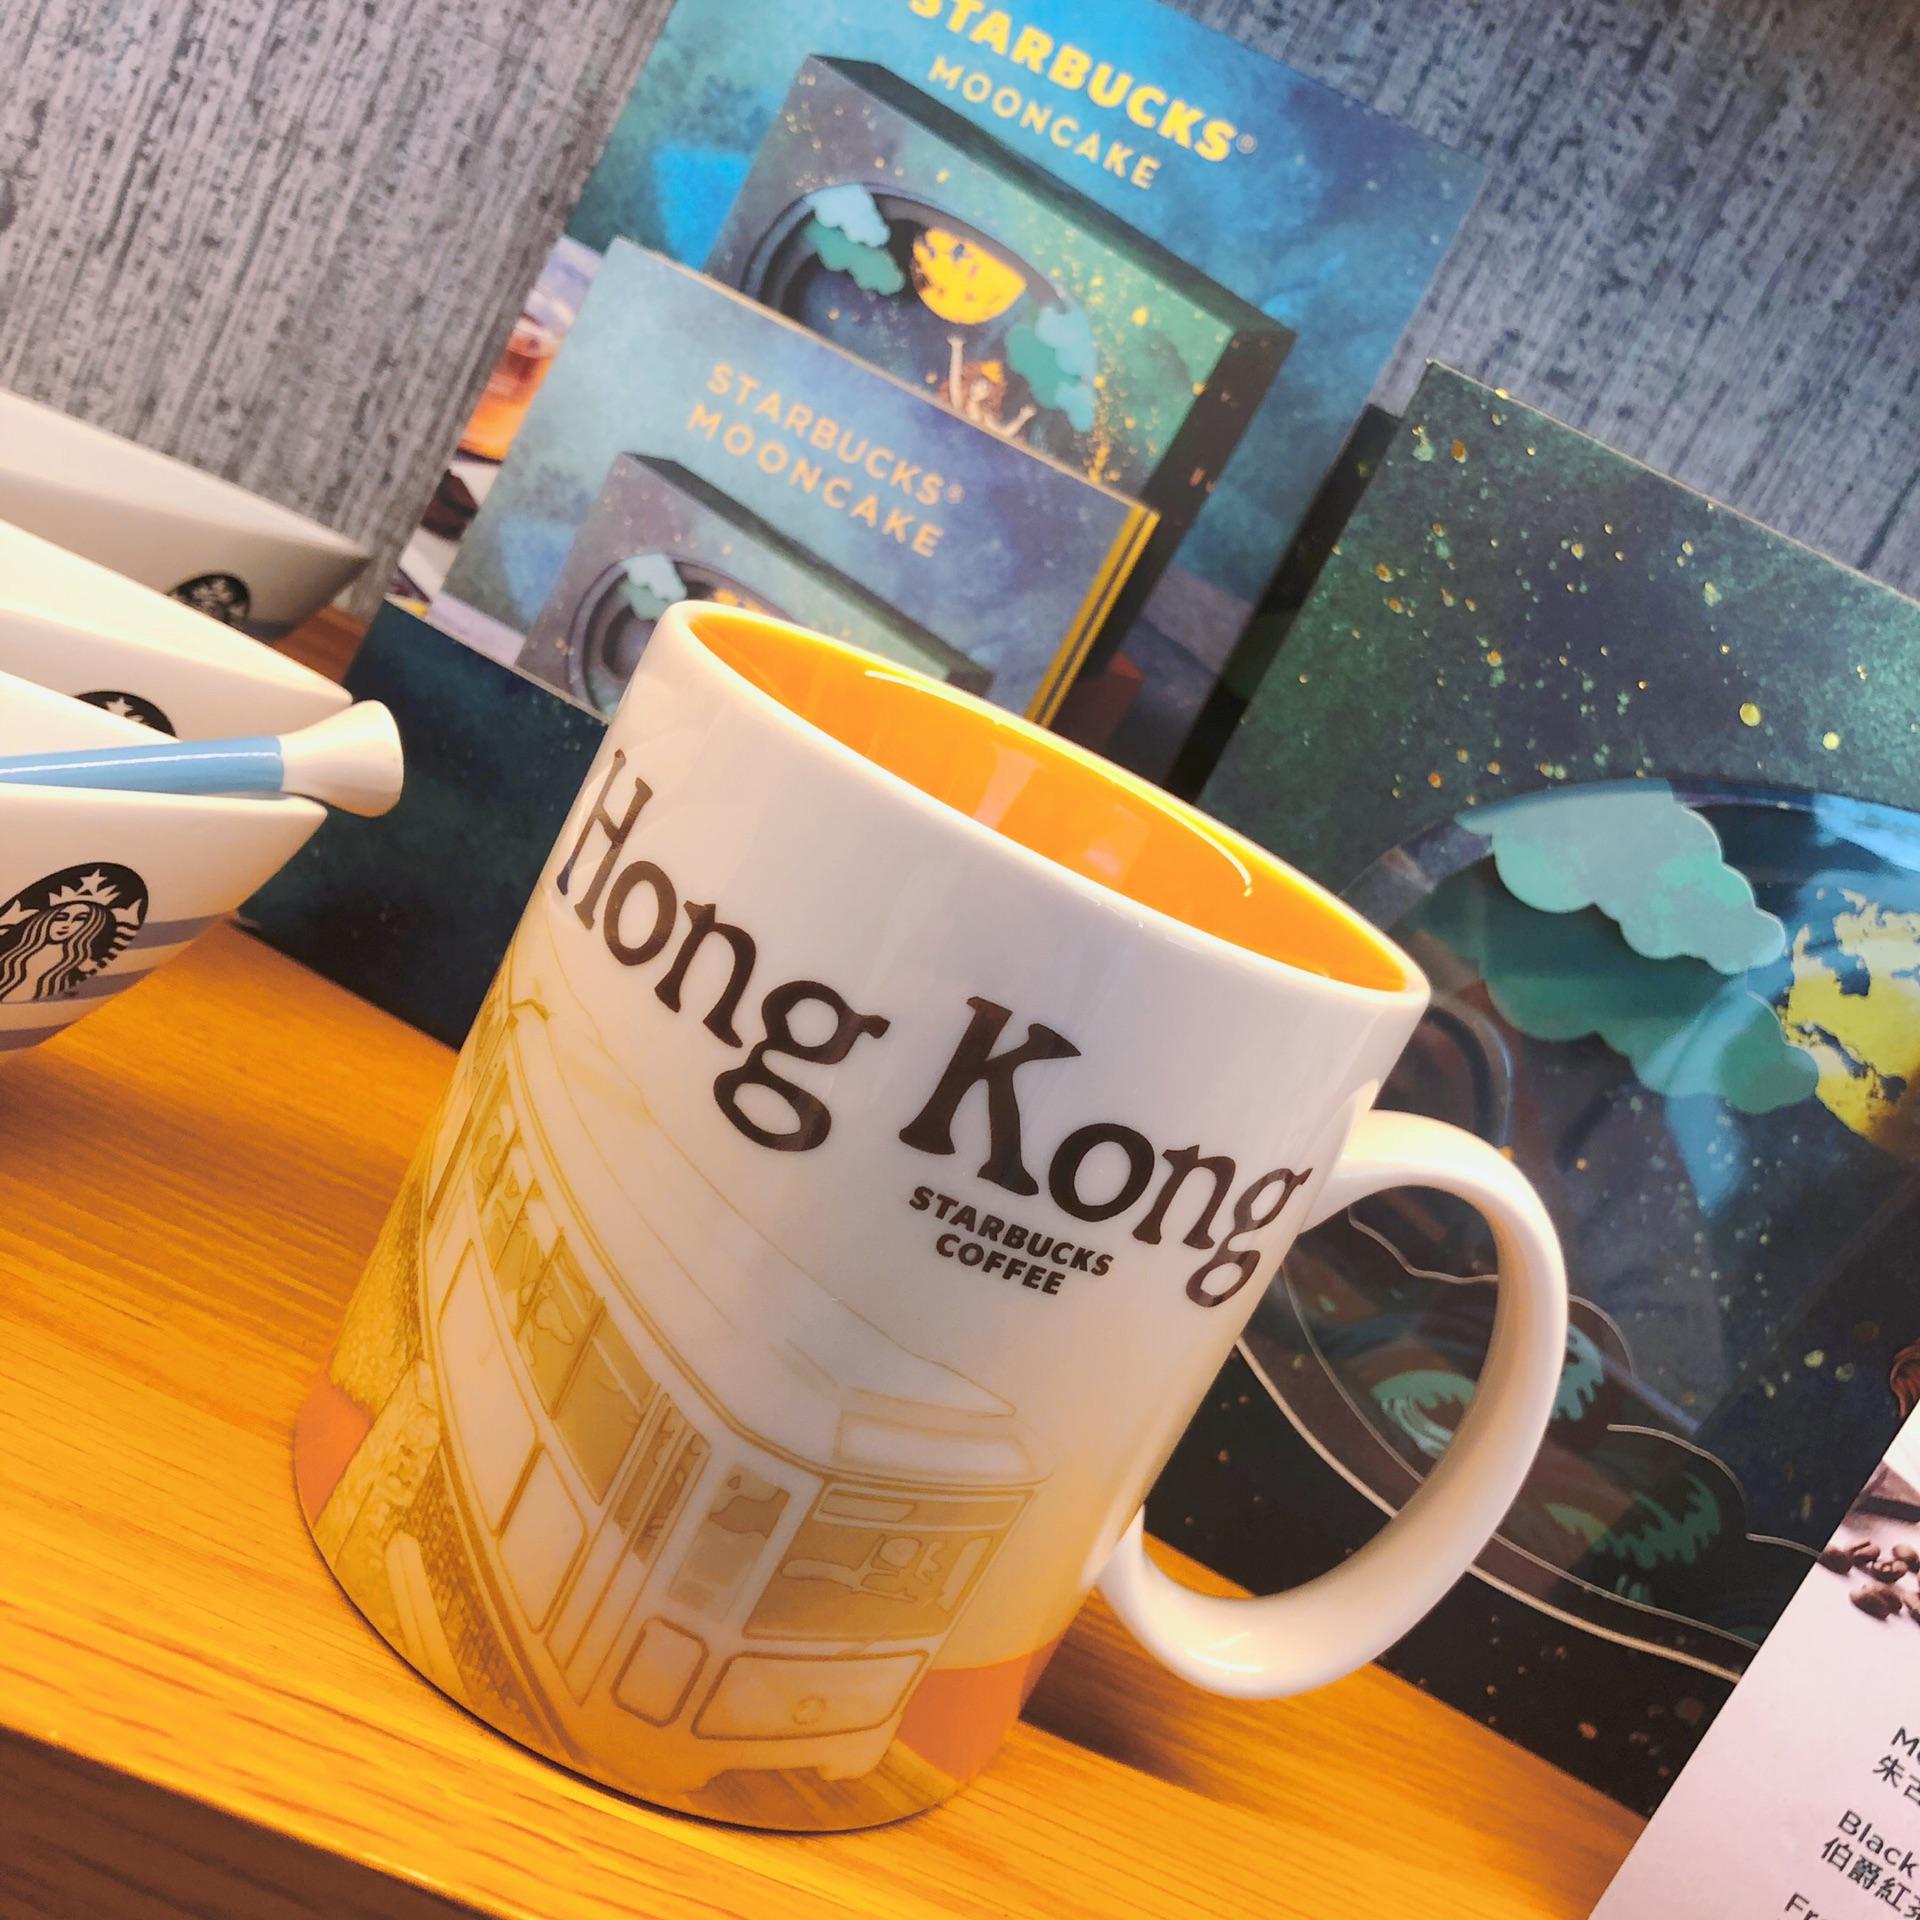 说走就走的旅行:香港漫游记